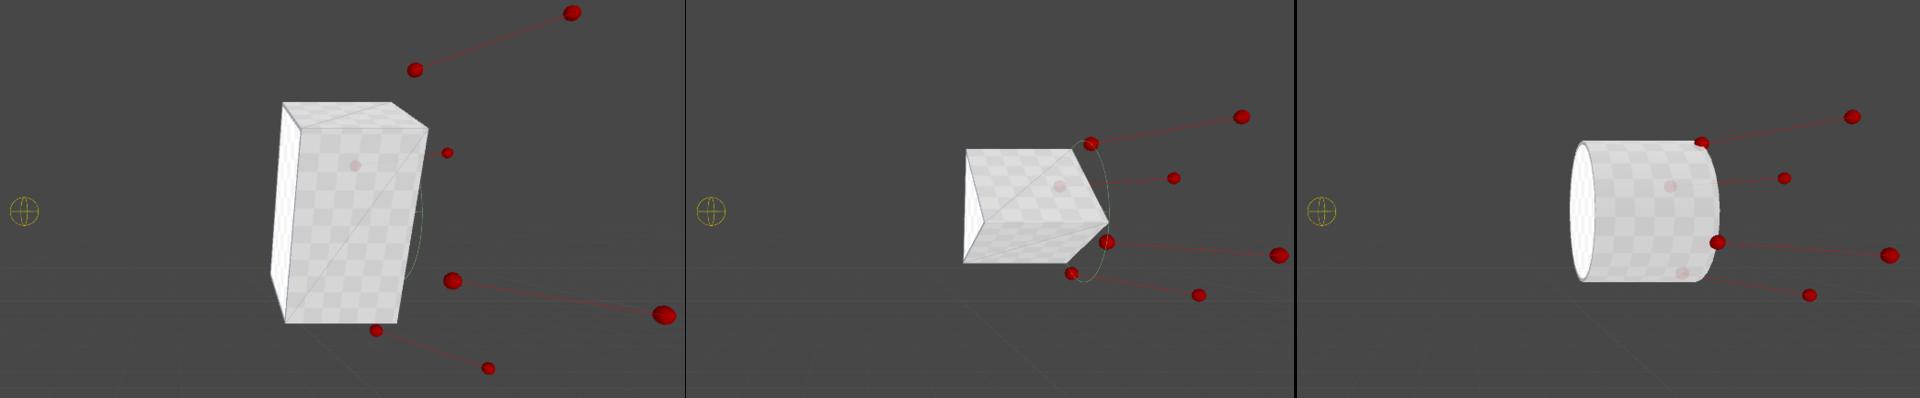 Усатый стрелок из двадцати трёх полигонов - 36